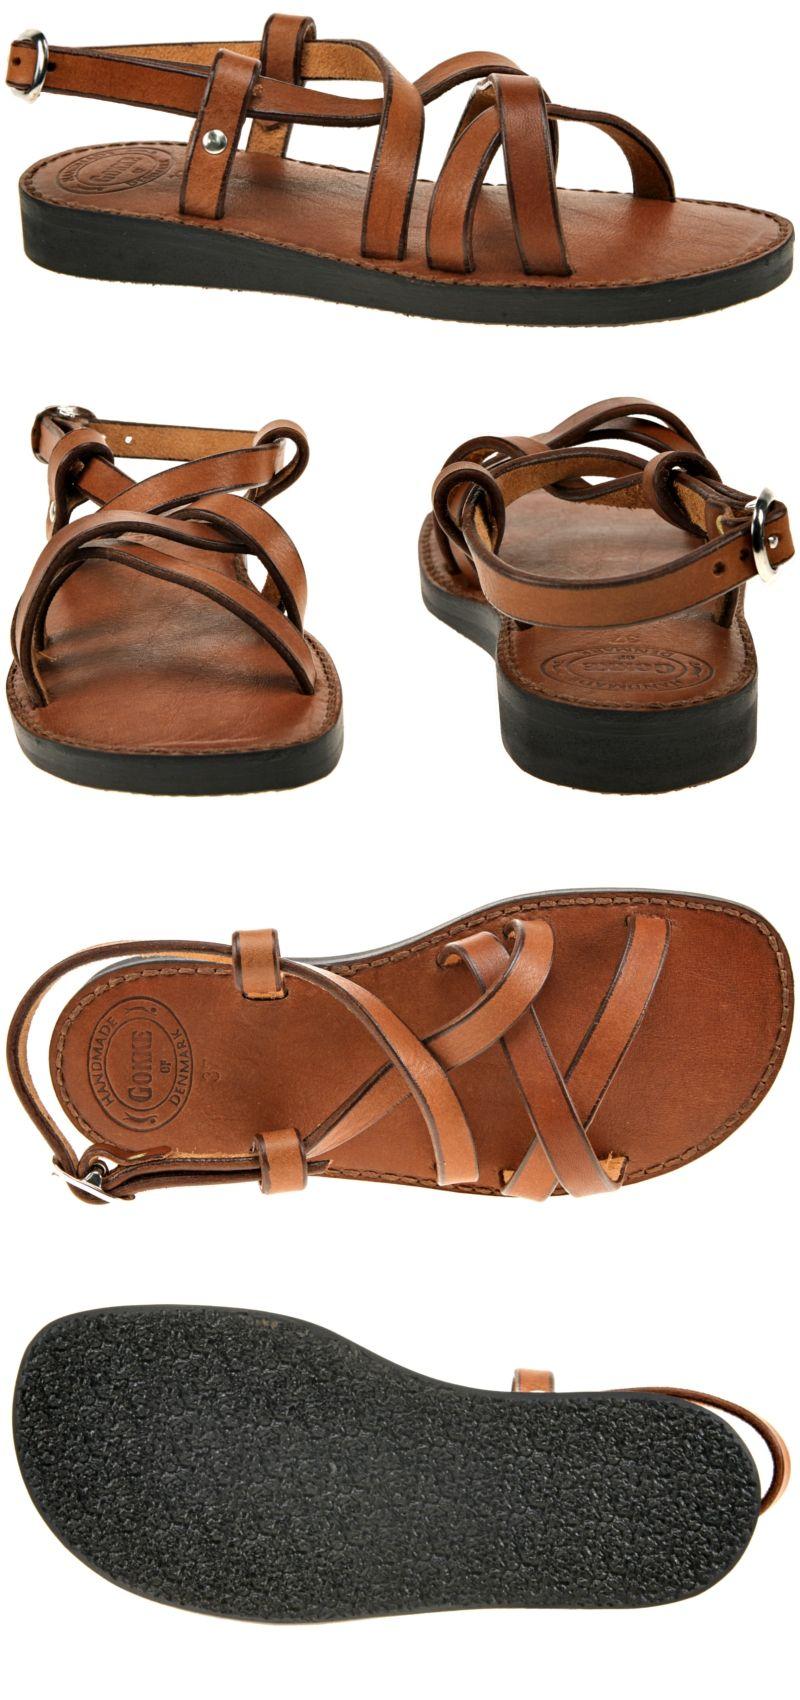 81711d6d68445 GOKKE Stylowe sandały skórzane damskie 38 - 3806309754 - oficjalne archiwum  allegro